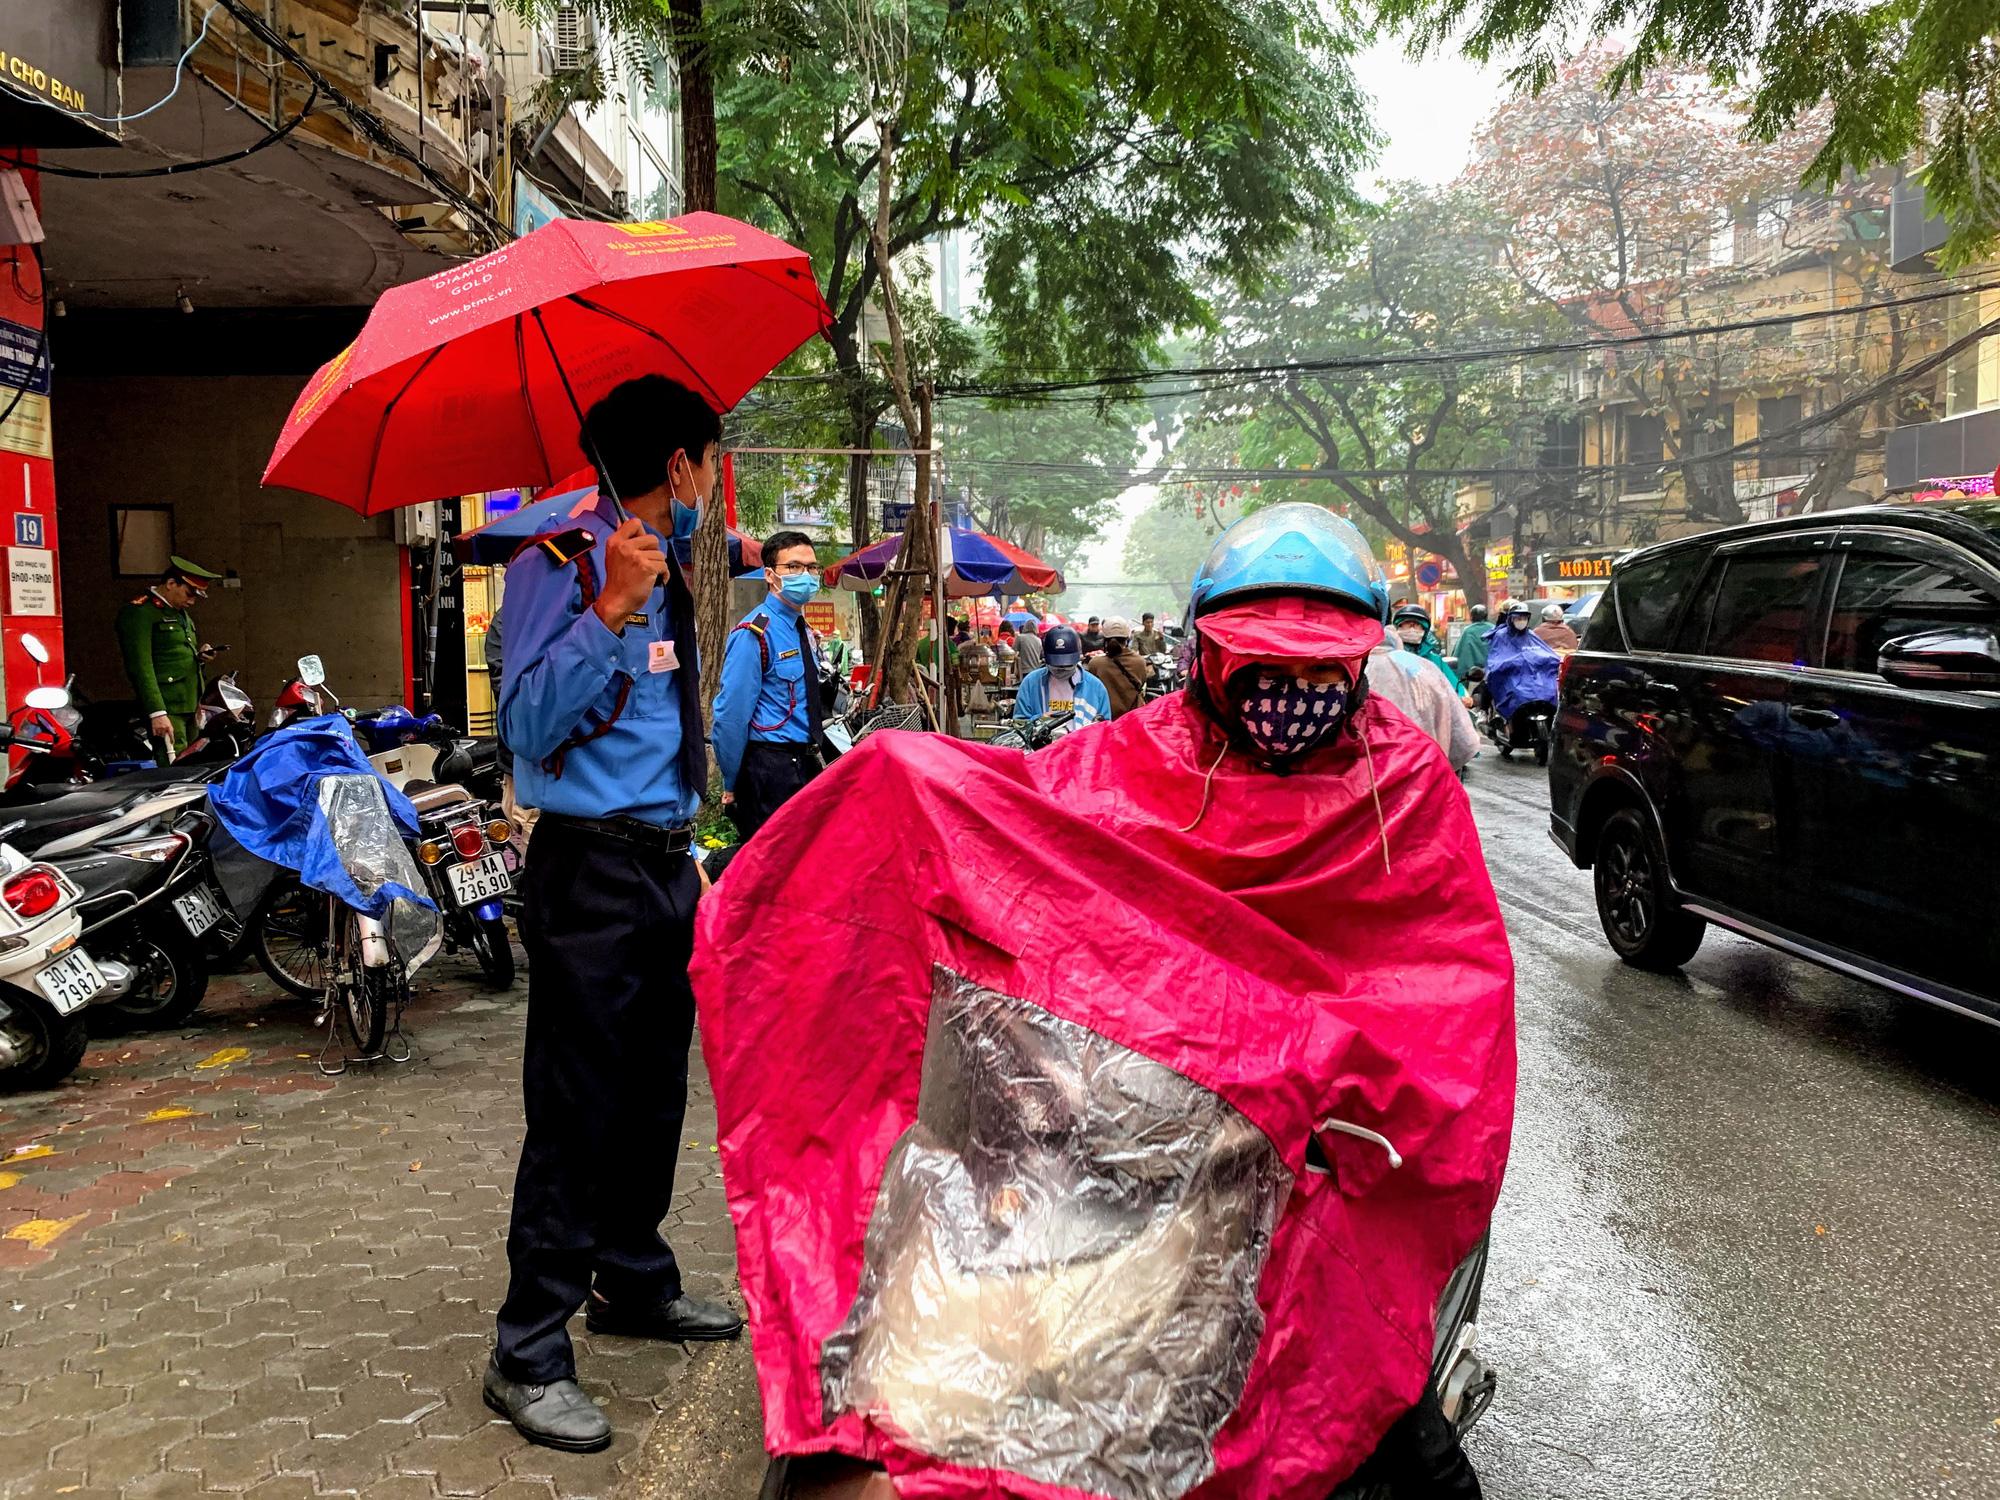 Giữa tâm dịch corona, bay từ Sài Gòn ra Hà Nội, đội mưa để đi mua vàng trong ngày Vía thần Tài - Ảnh 1.